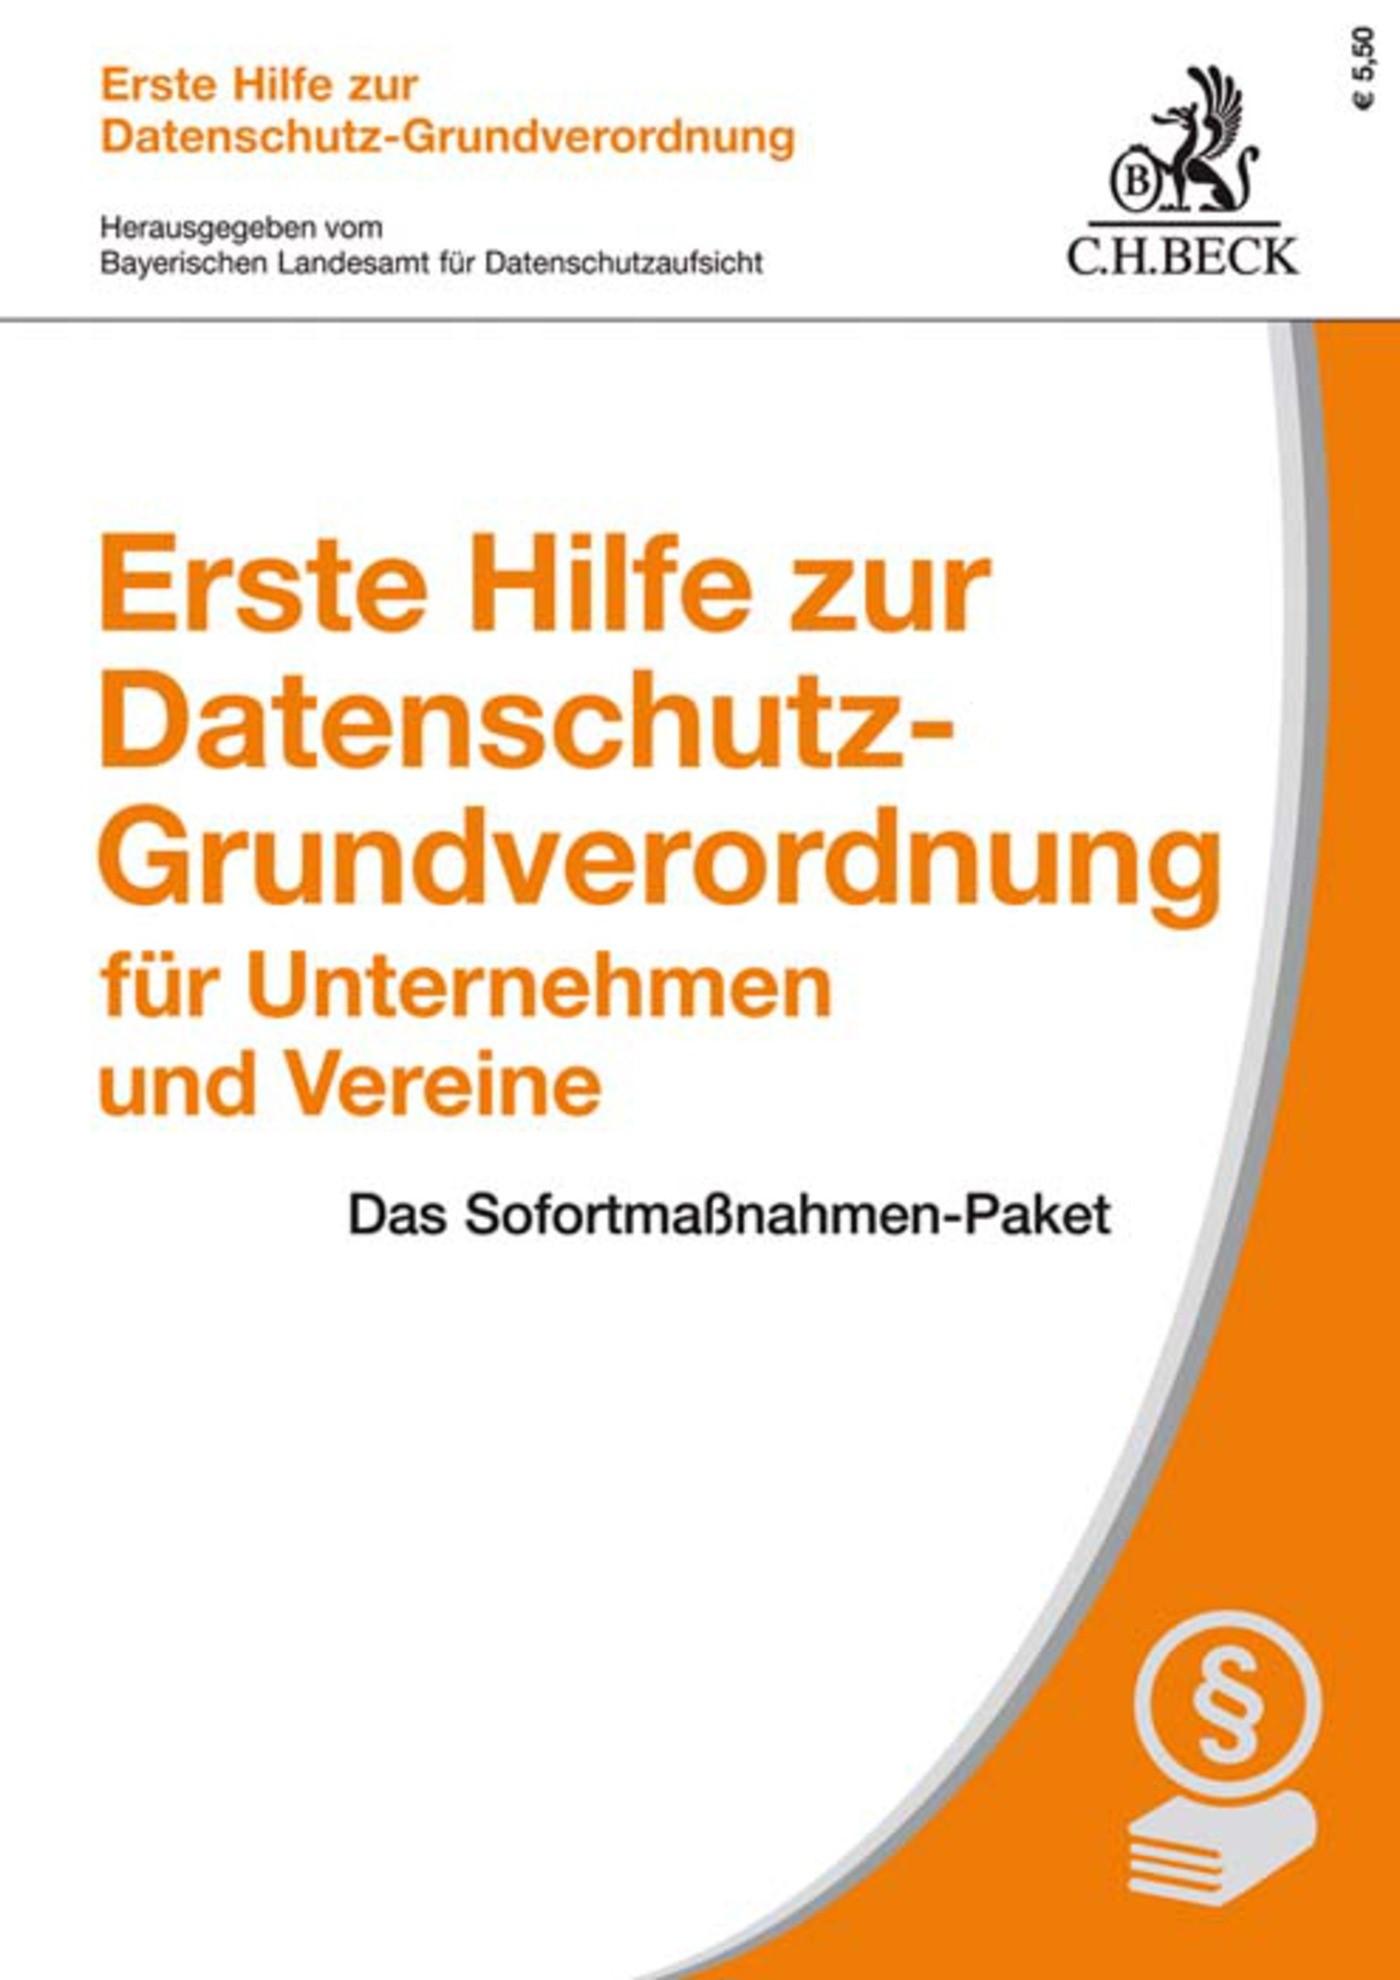 Erste Hilfe zur Datenschutz-Grundverordnung für Unternehmen und Vereine | Bayerischen Landesamt für Datenschutzaufsicht, 2018 | eBook (Cover)